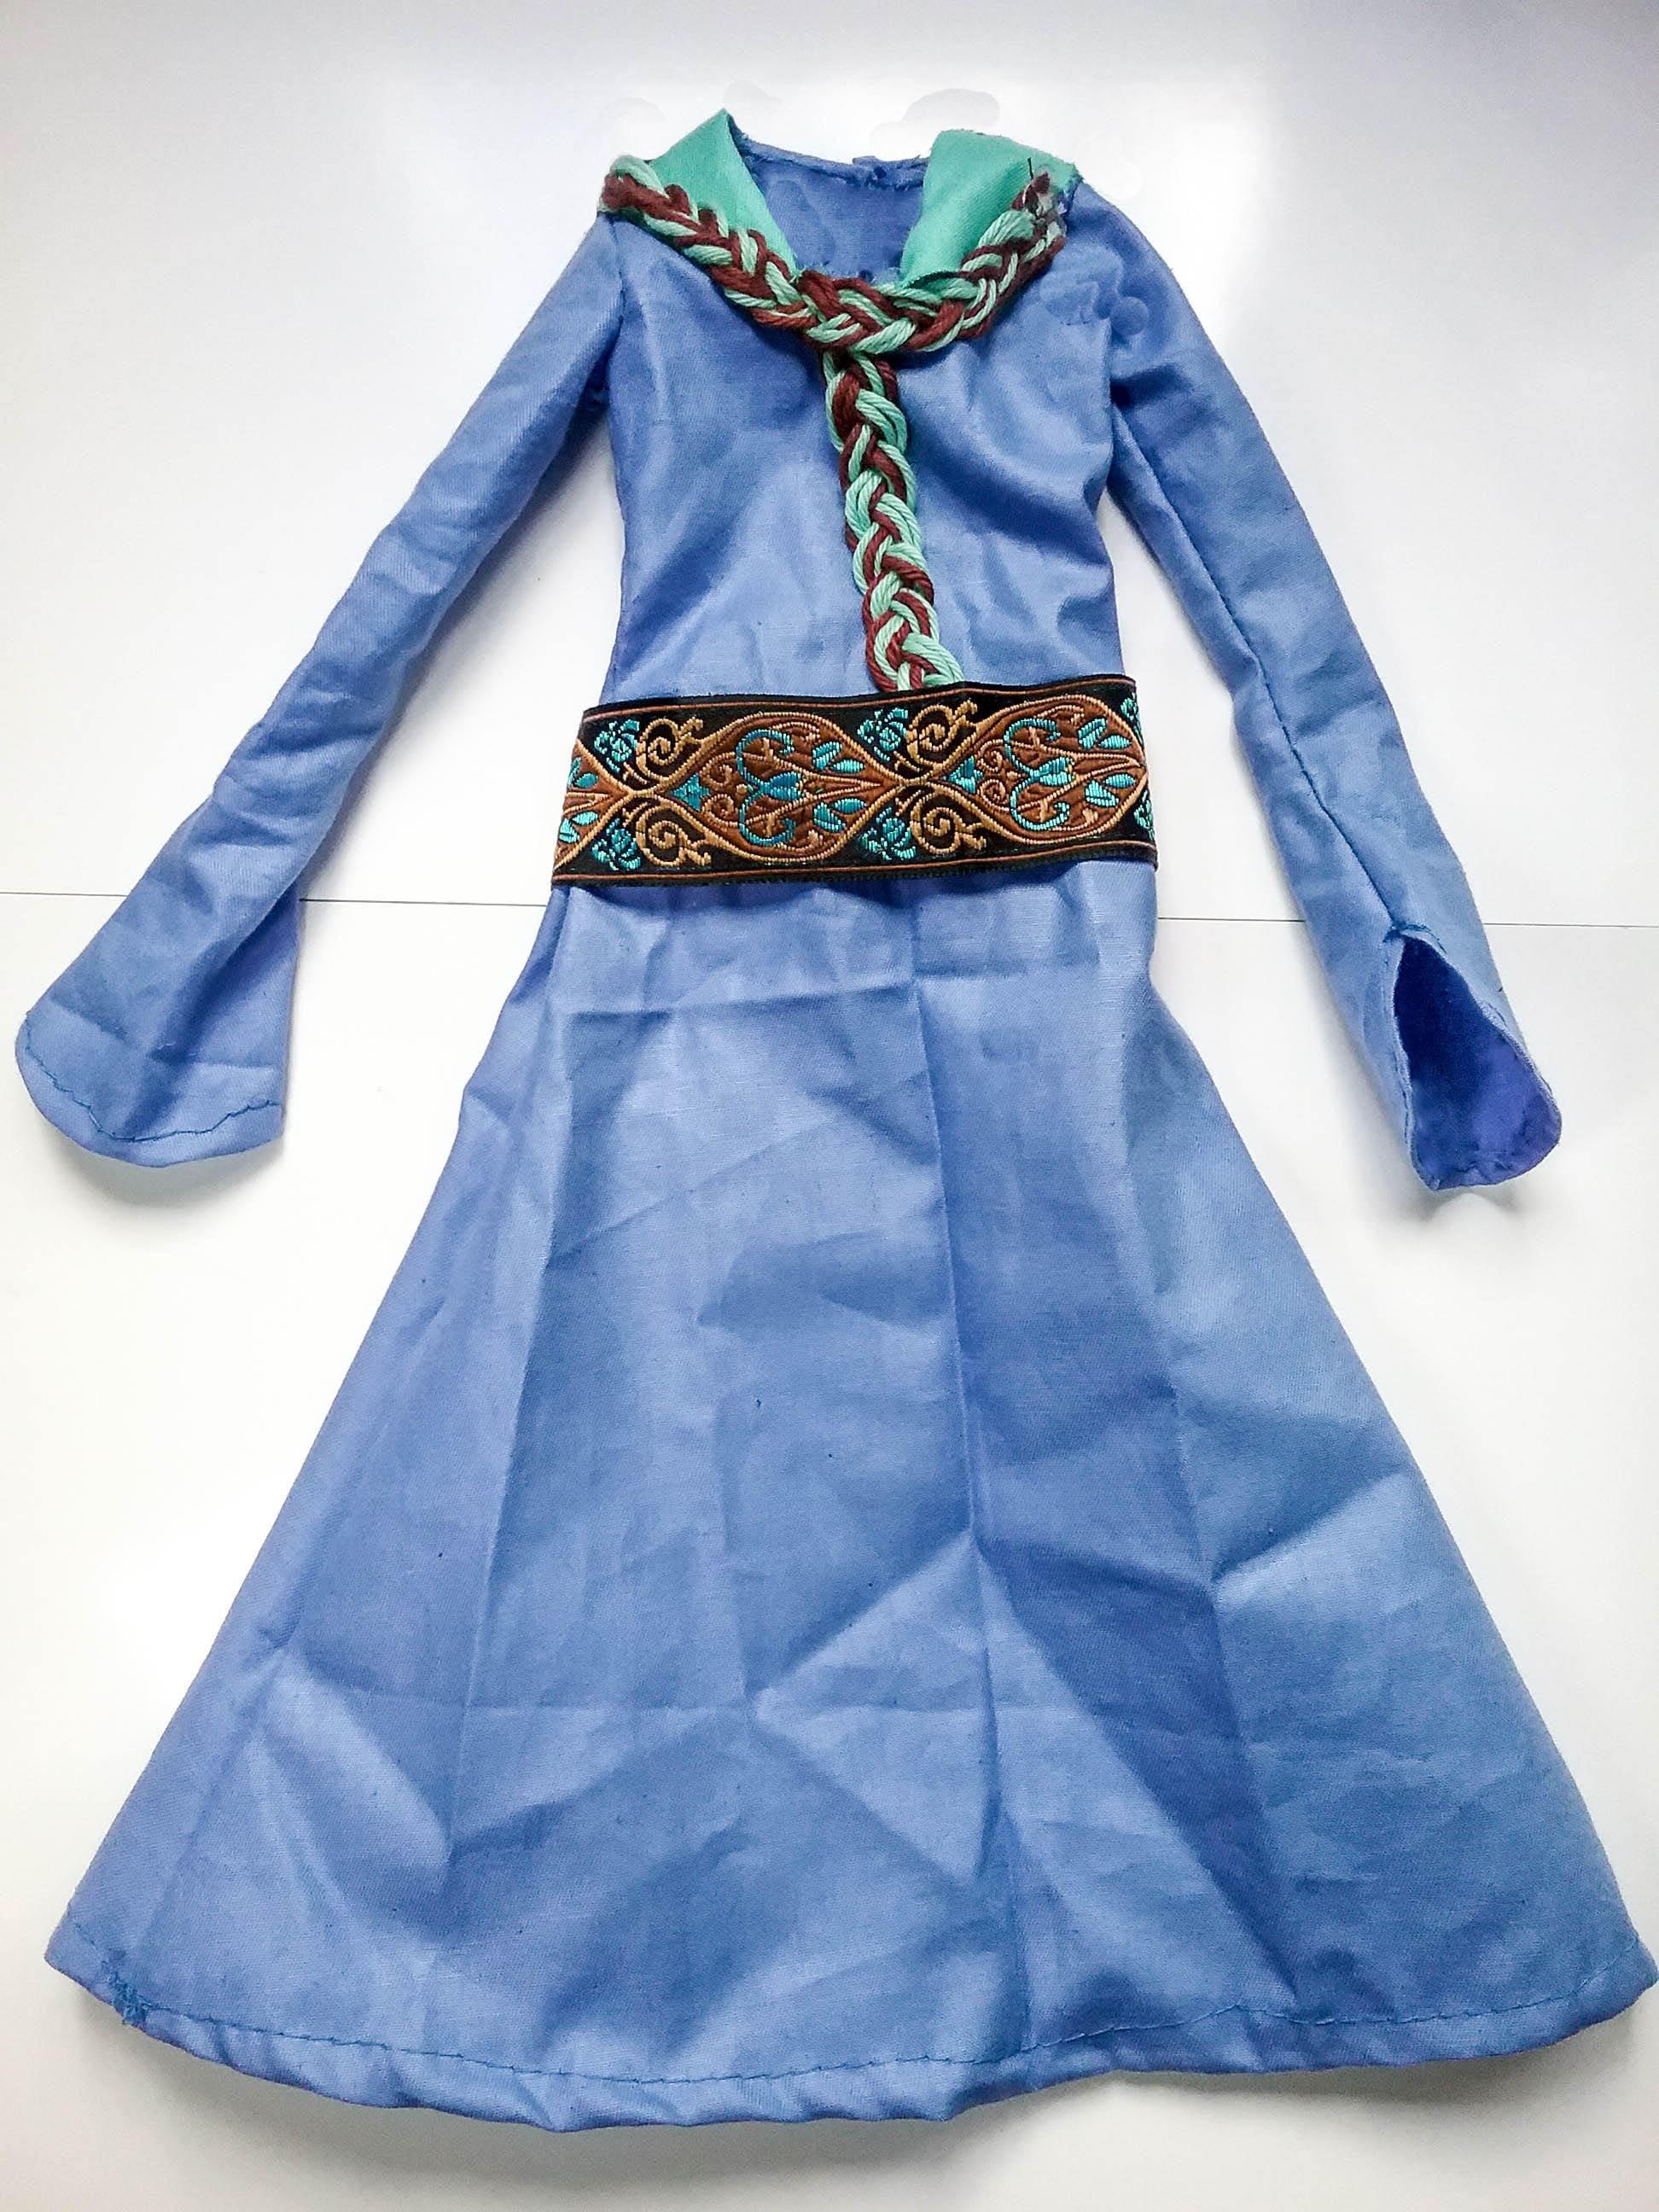 Patron vestido medieval mujer vestido carnaval vestido edad